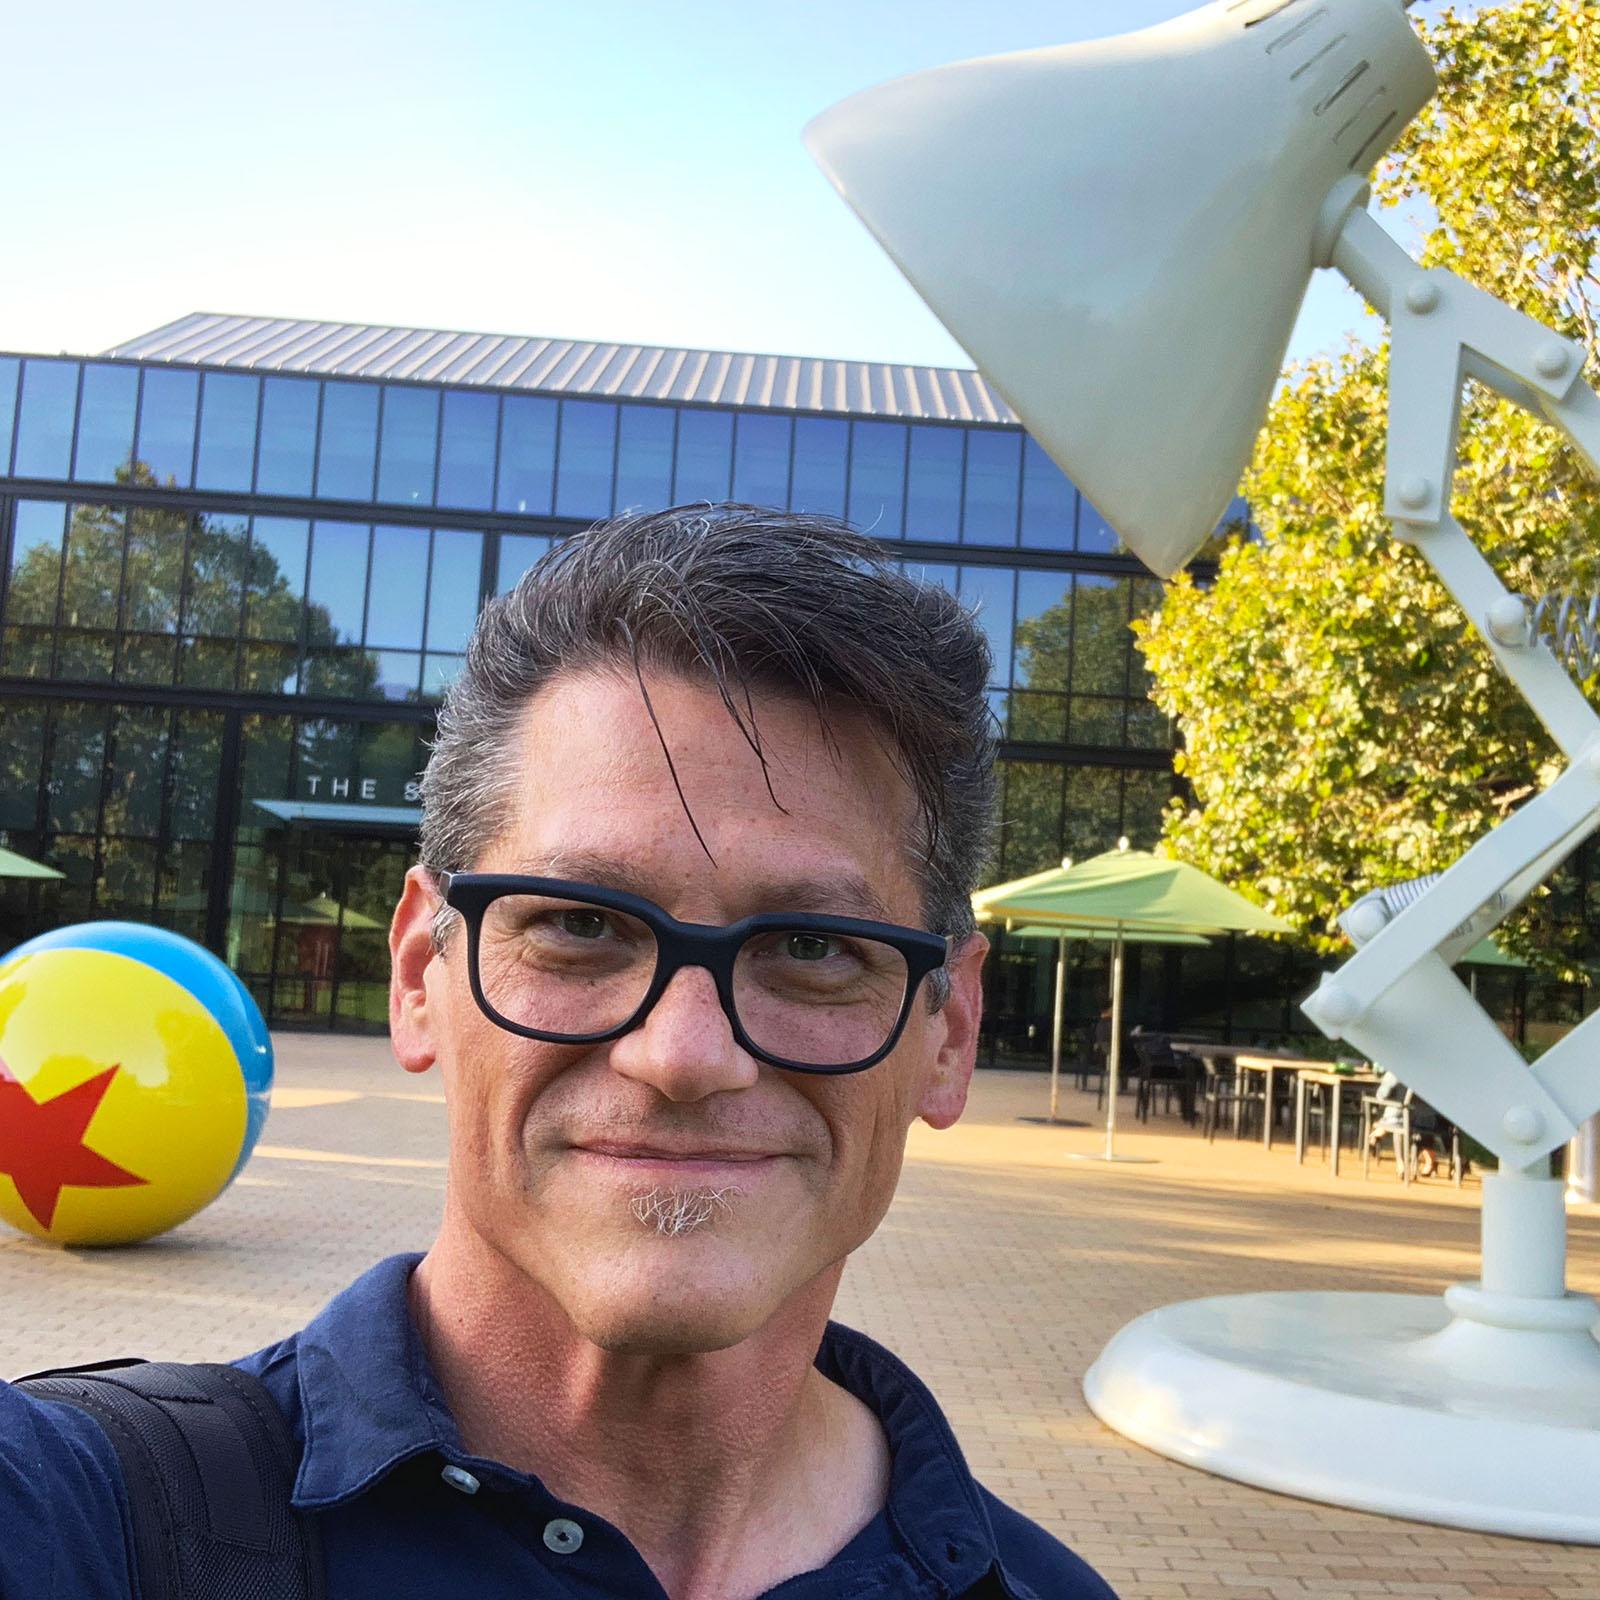 John At Pixar Campus